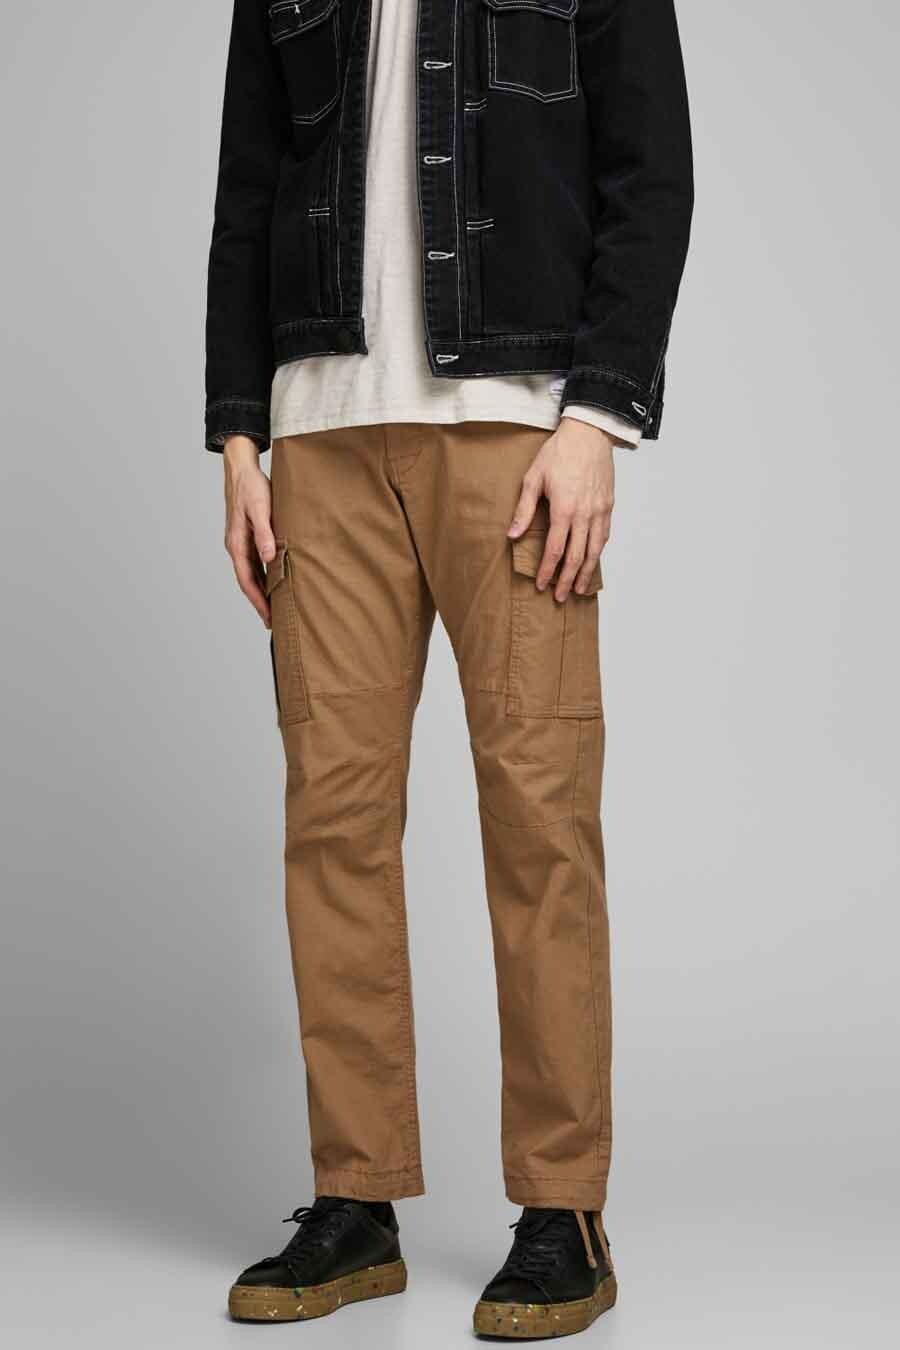 Jack & Jones Jeans Intelligence Broek, Rood, Heren, Maat: 36x34